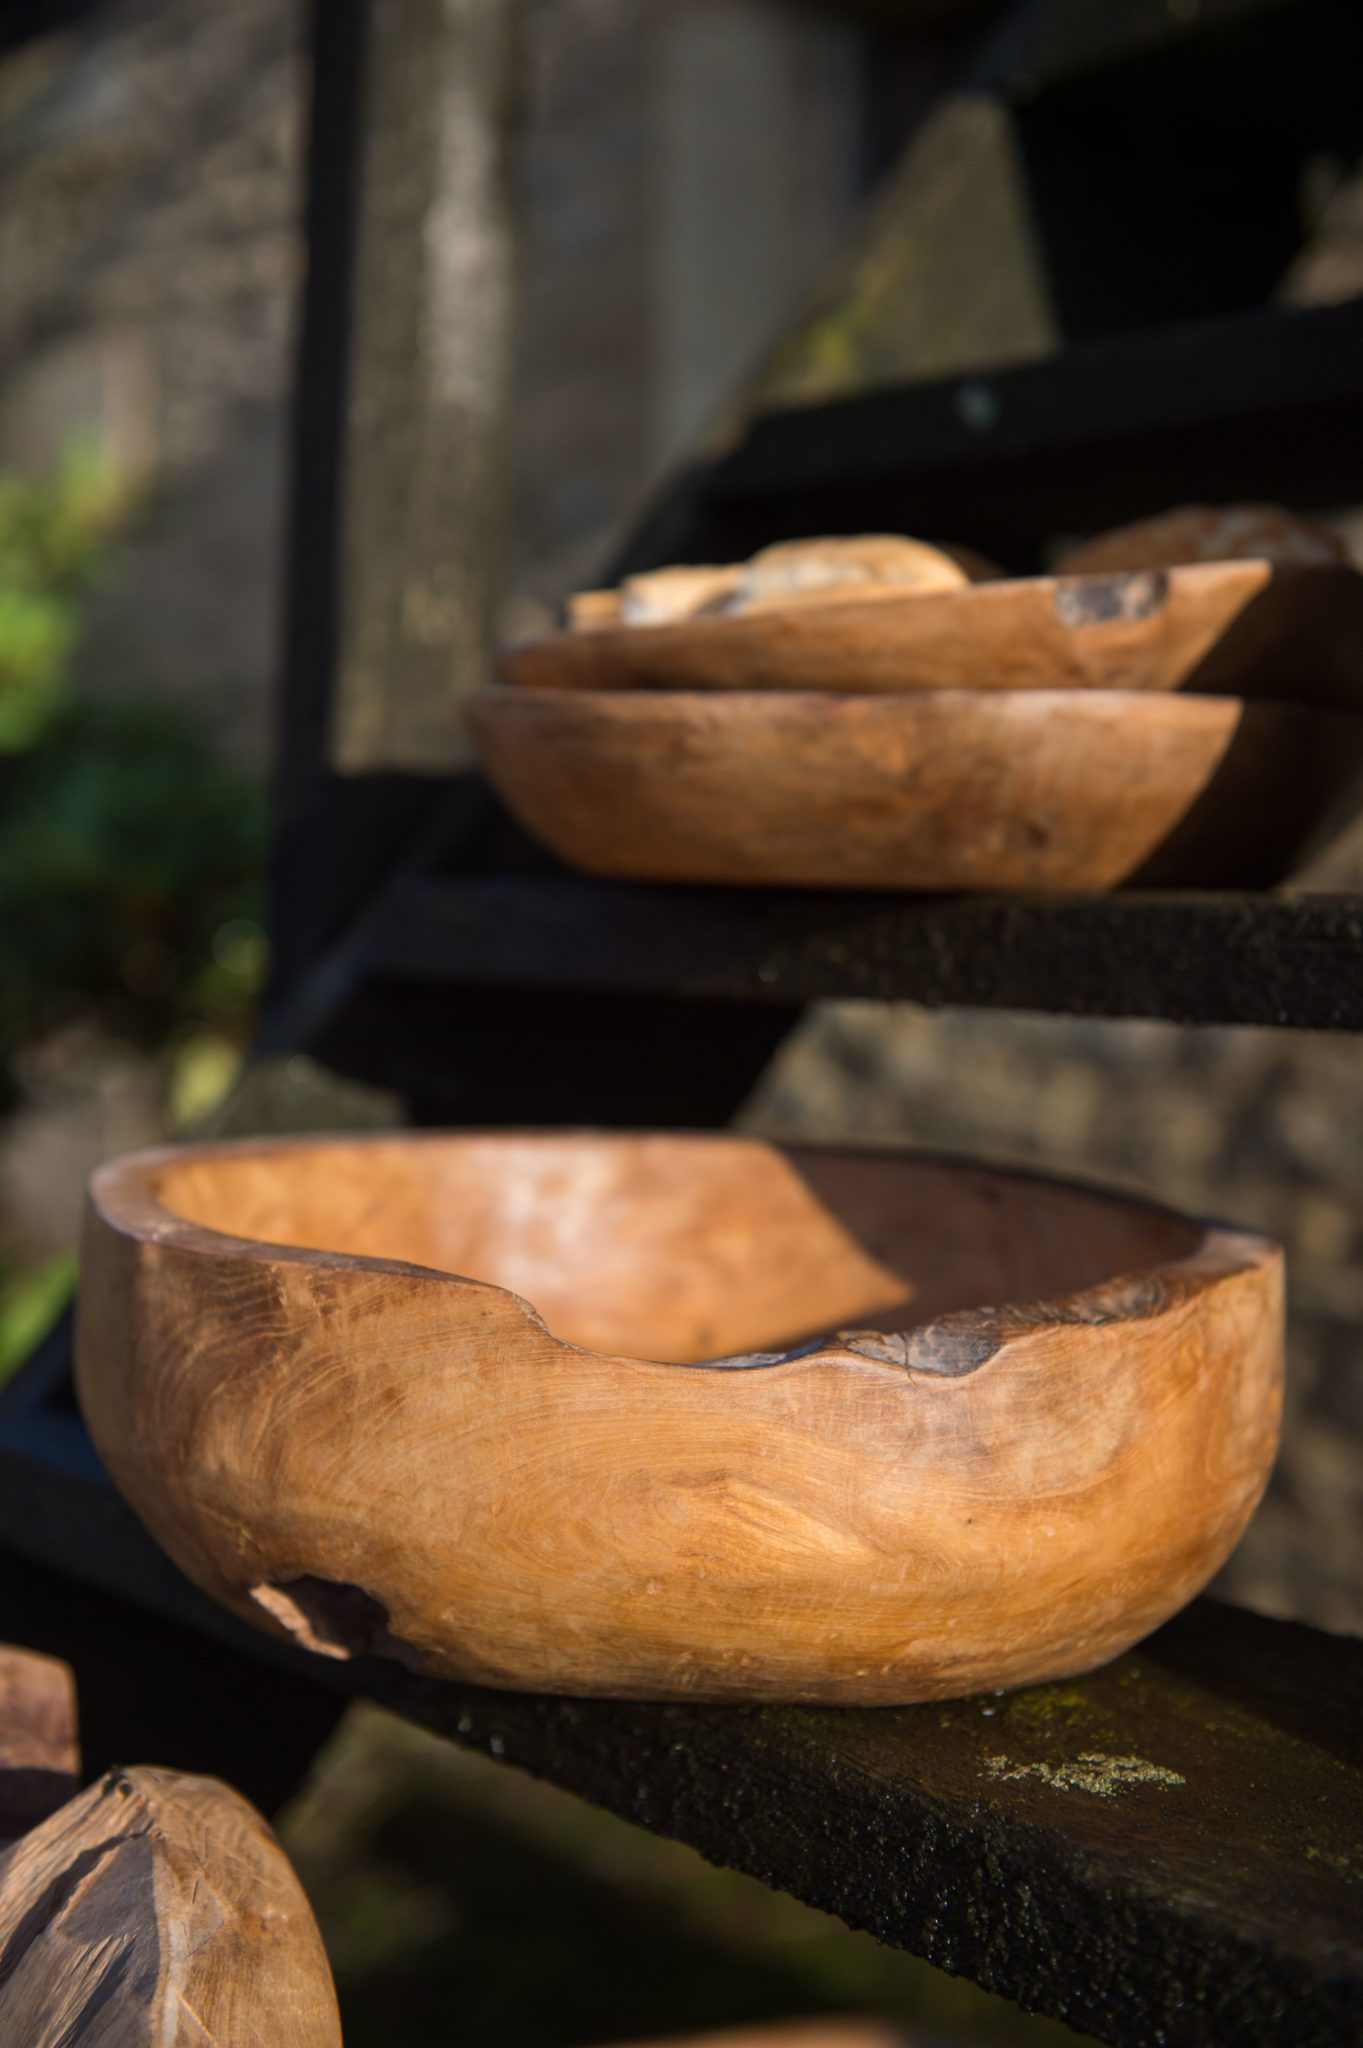 teak-root-bowl-in-situ-1